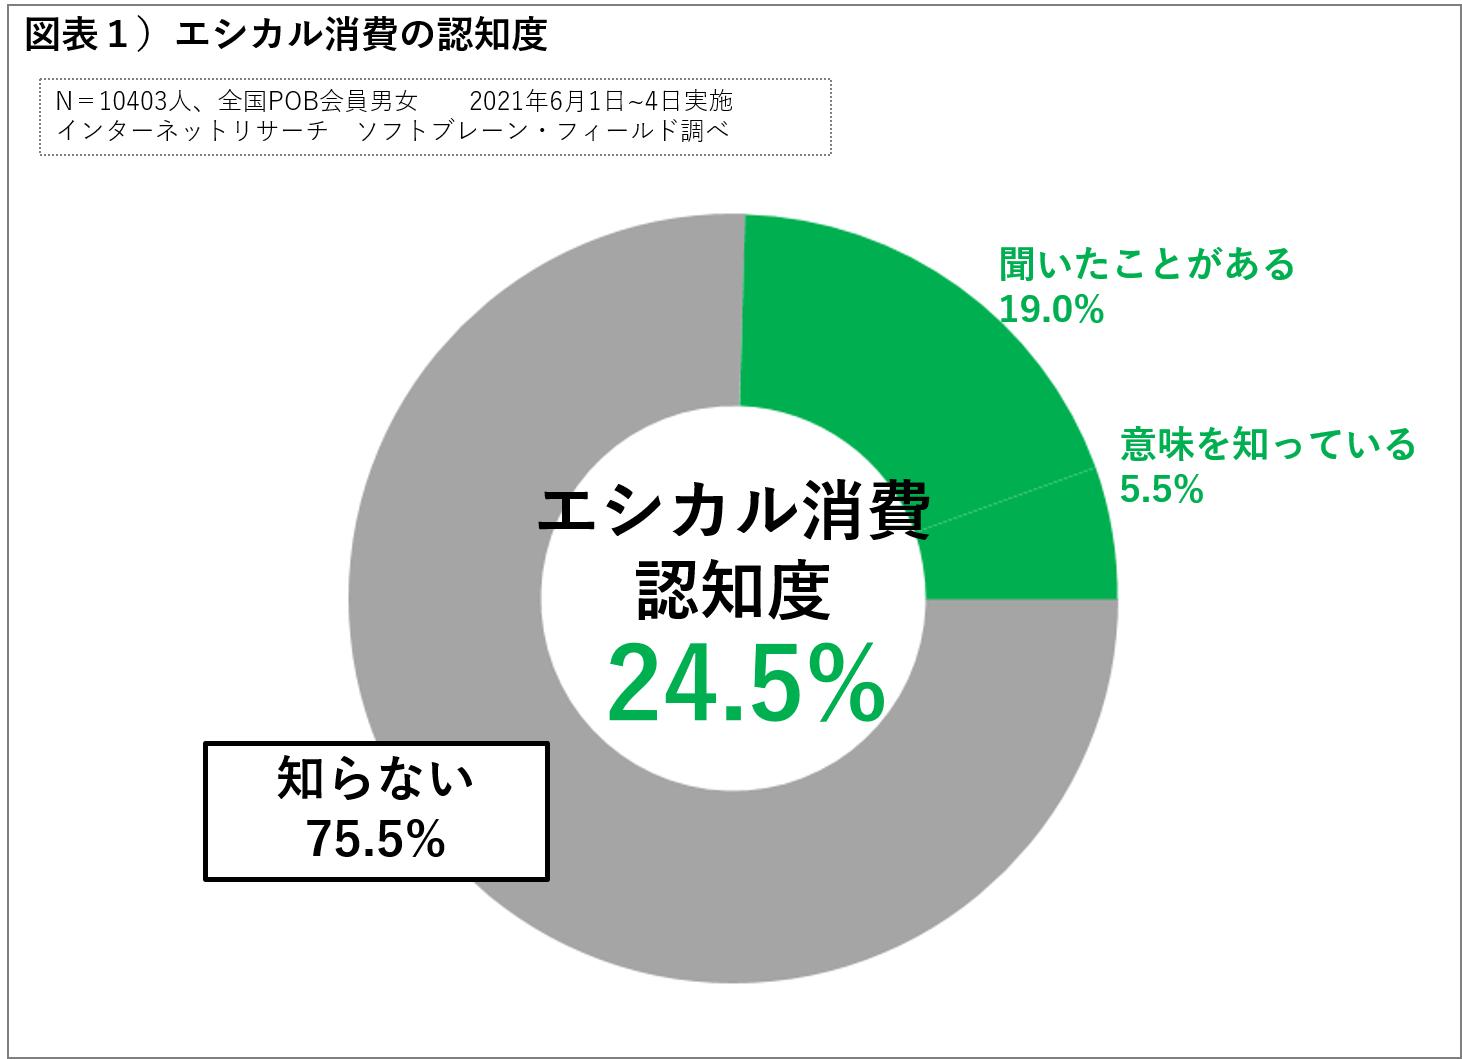 エシカル消費認知度は24.5%